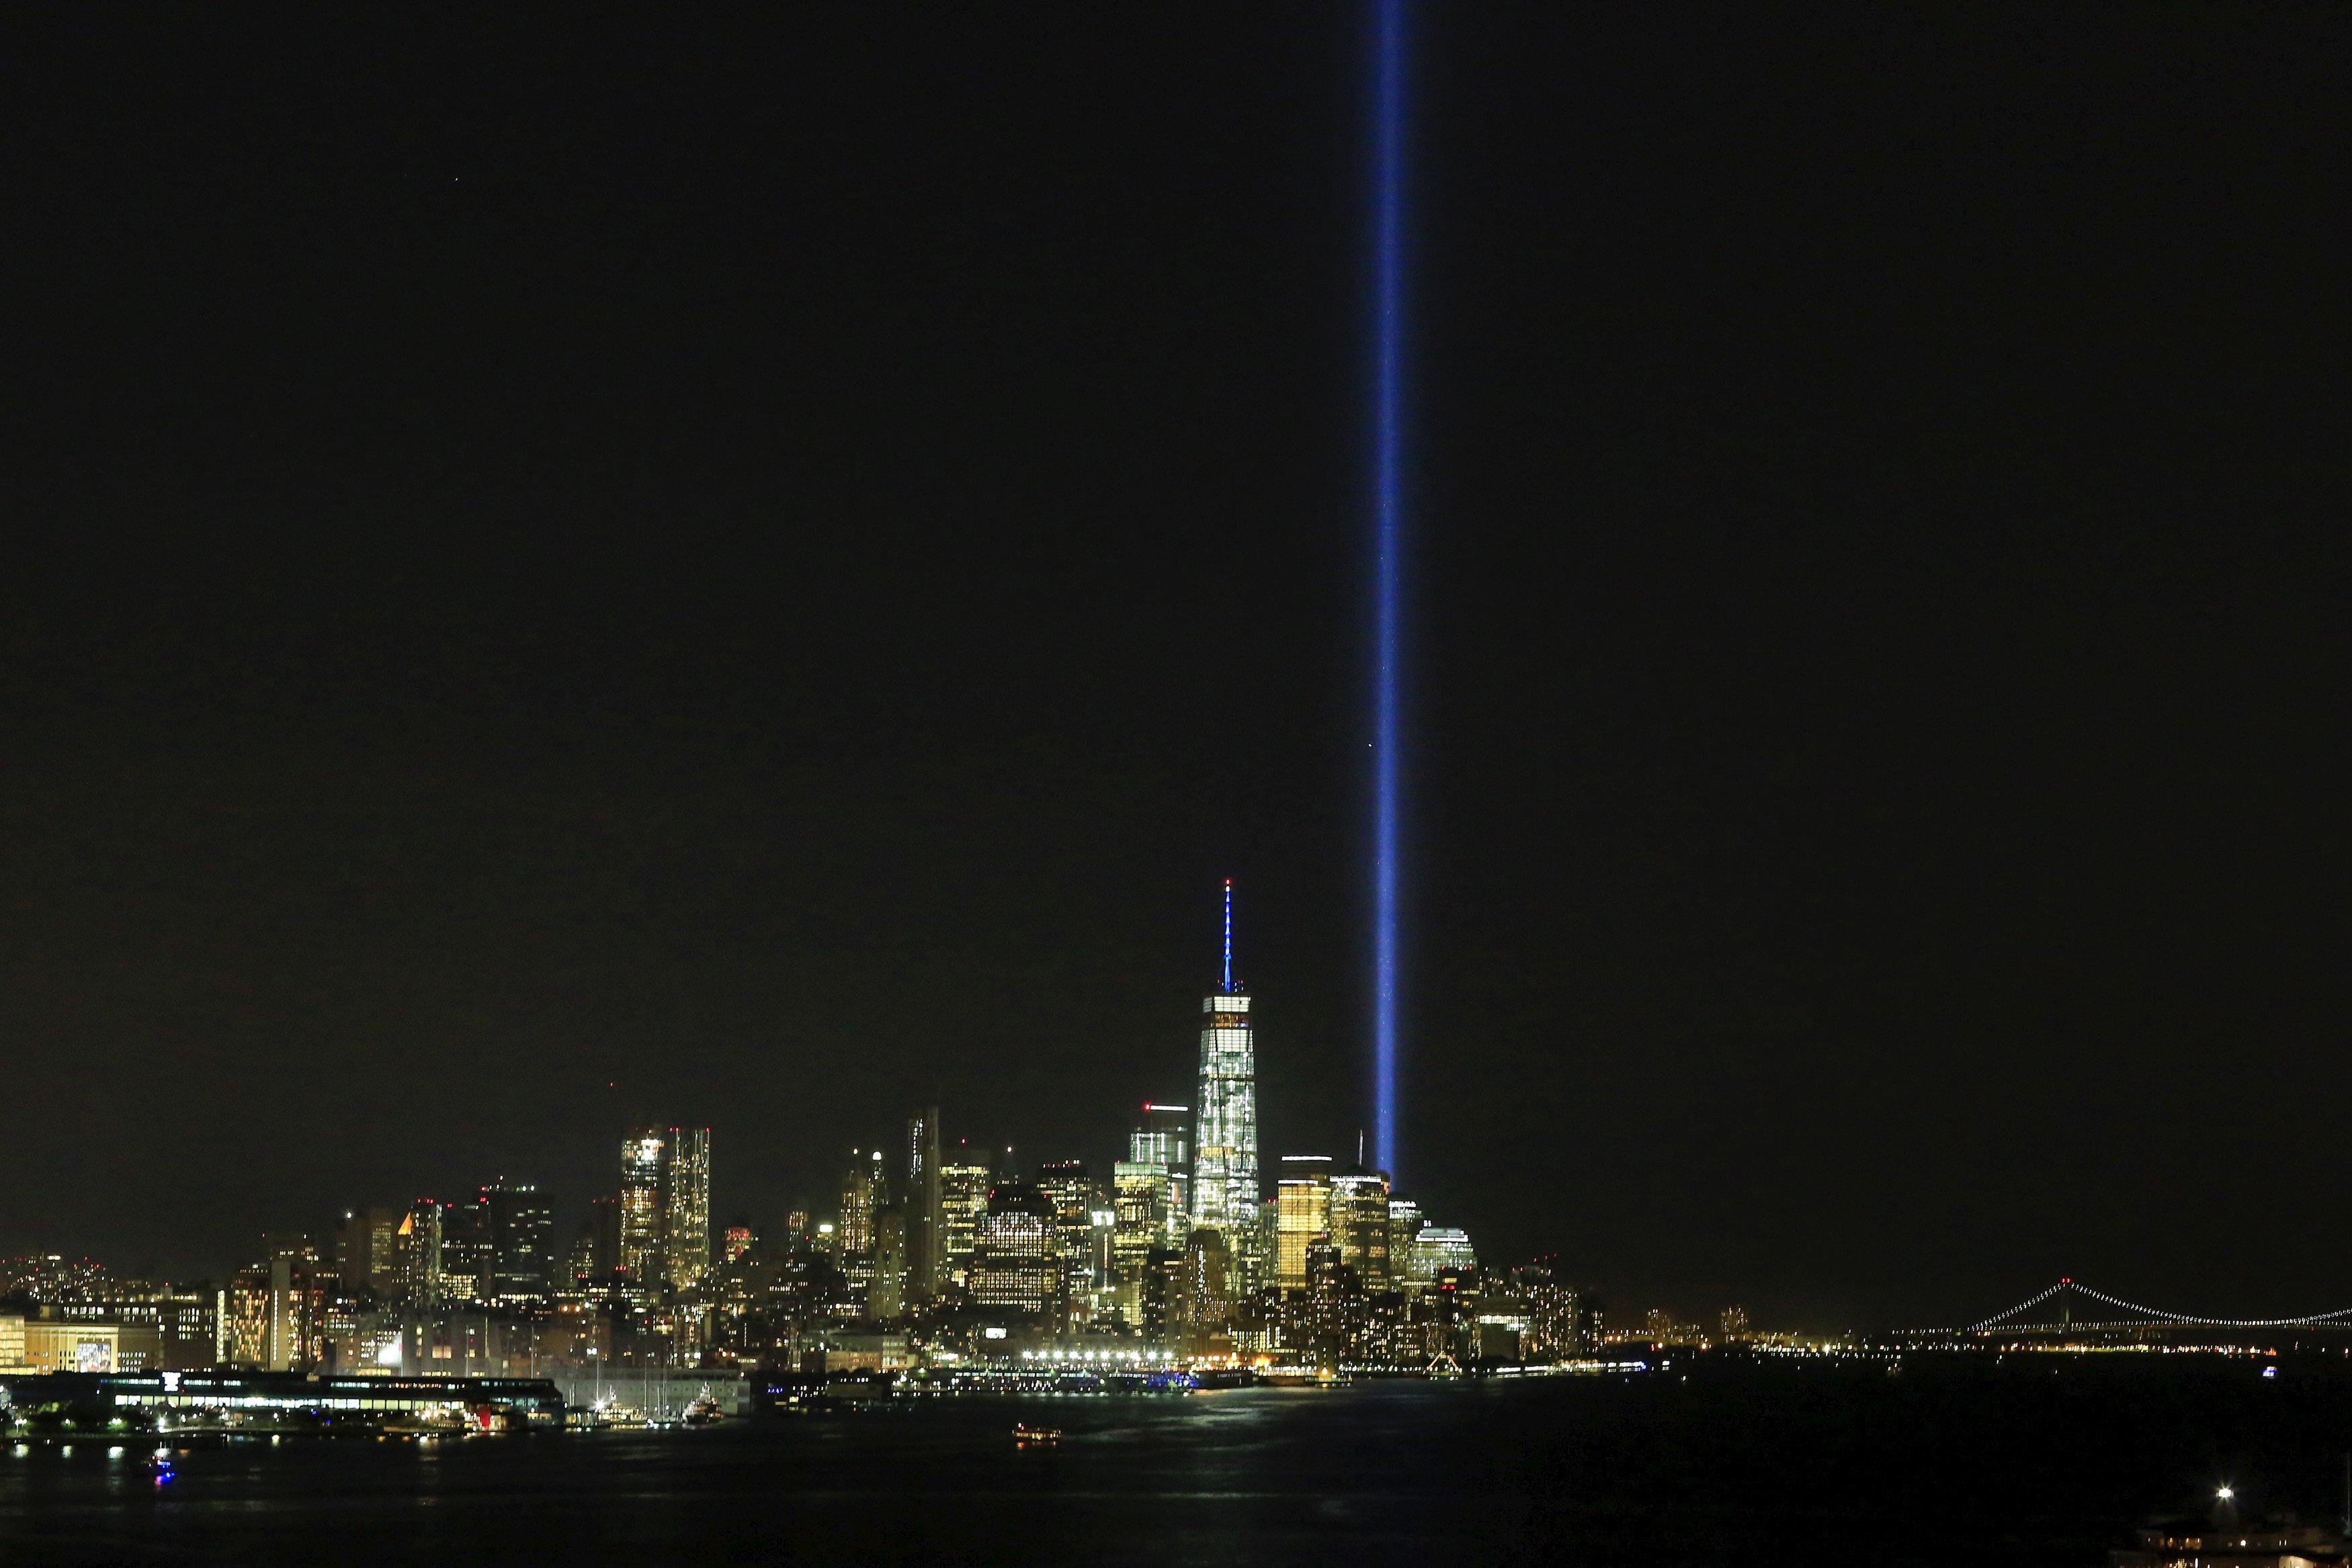 El Tributo en Luz iluminó la noche de Nueva York en homenaje a las víctimas de los ataques del 11 de setiembre - Noticias de one world trade center